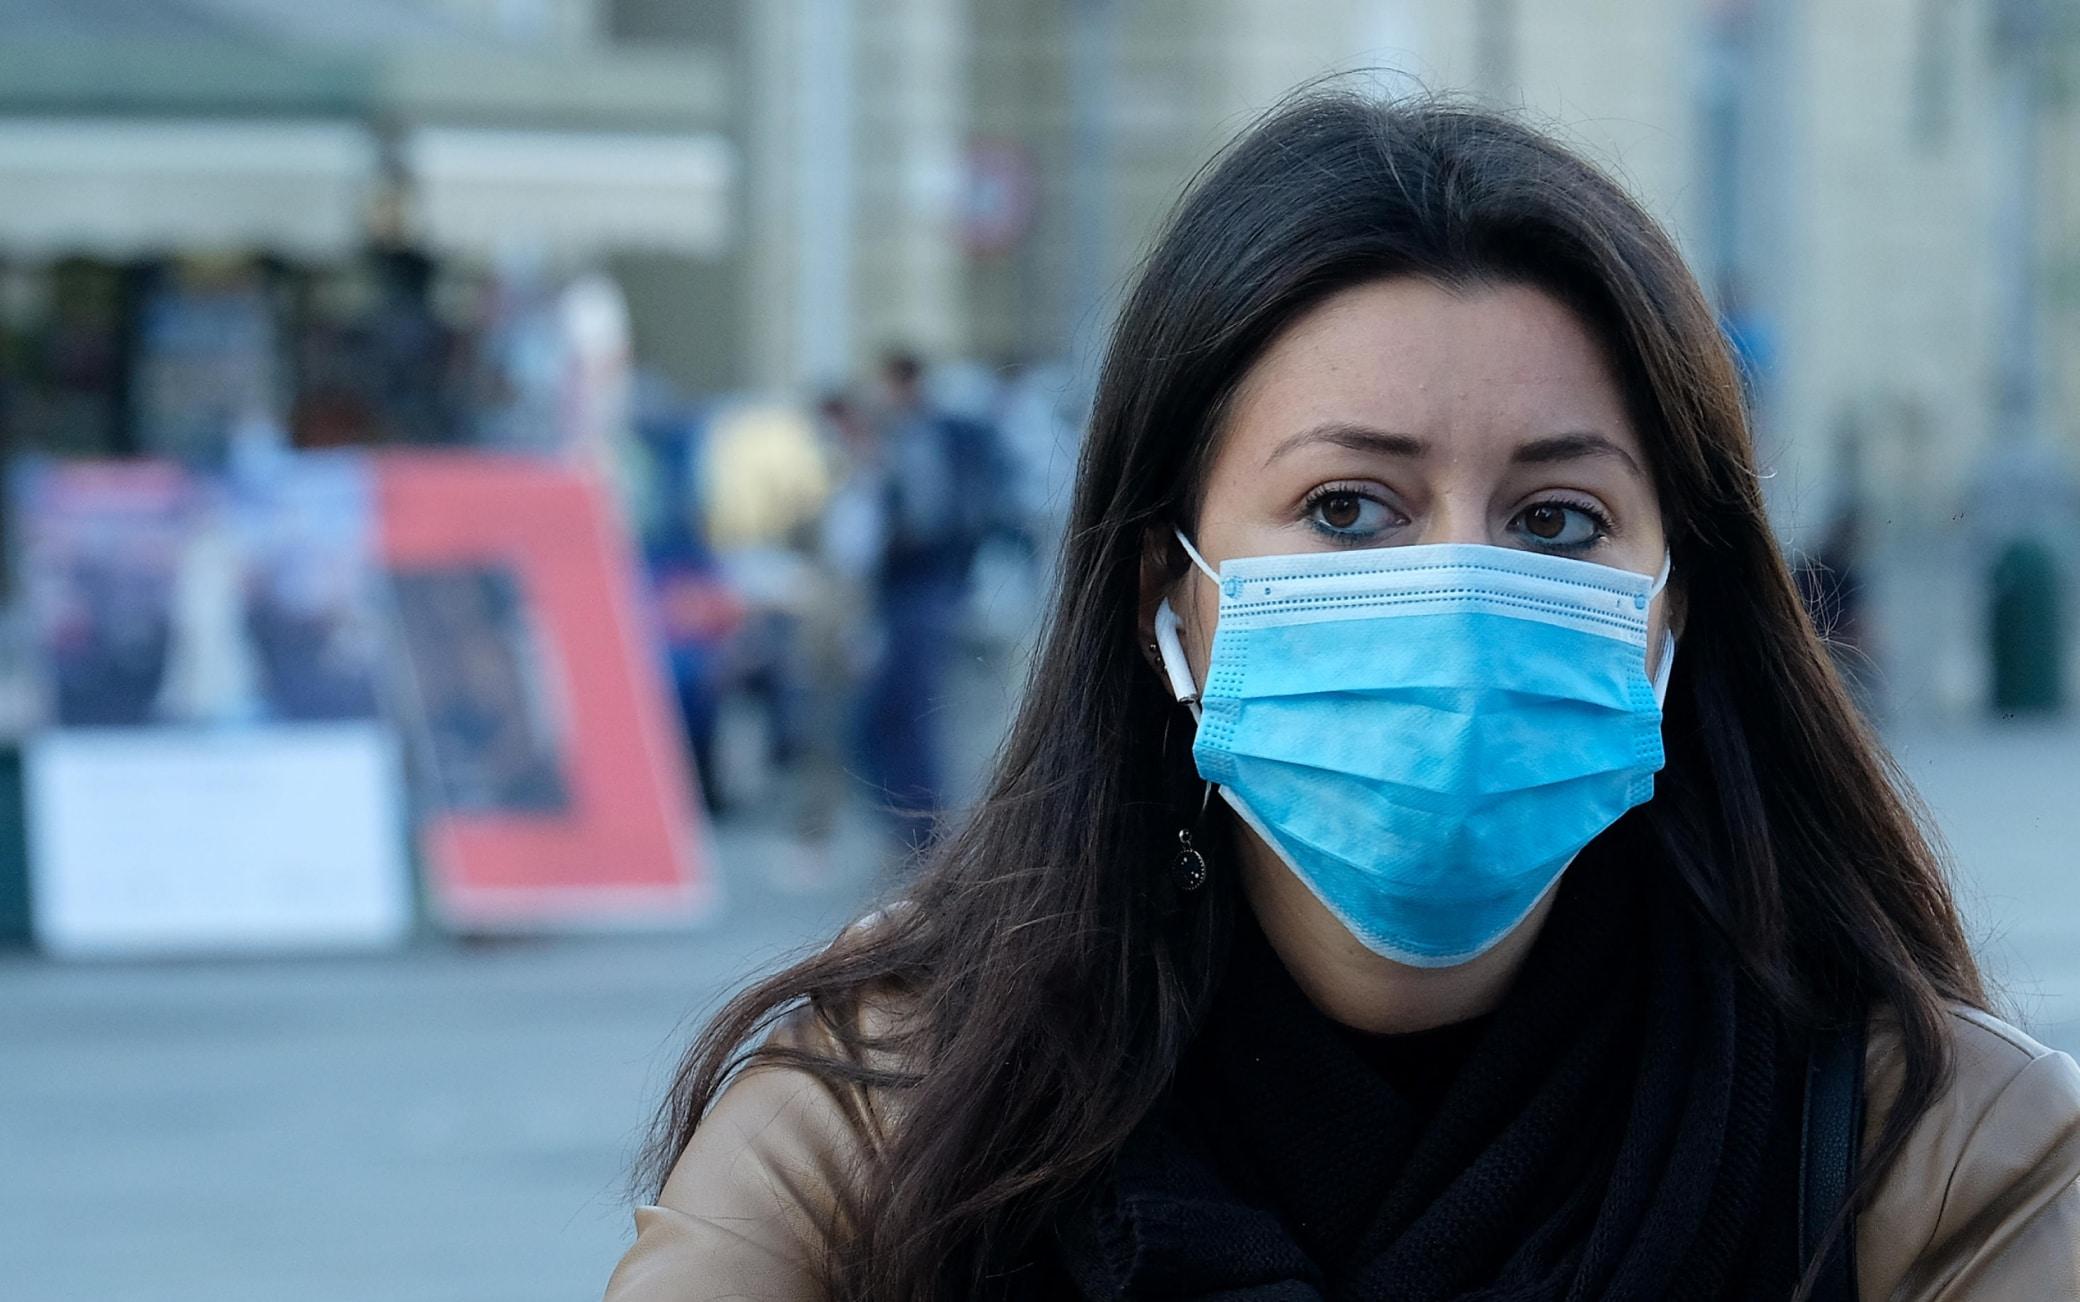 Obbligo di indossare la mascherina chirurgica anche nei luoghi aperti e se rispettata la distanza di sicurezza per l'aumento dei contagi Covid, Torino,, 8 ottobre 2020 ANSA/ ALESSANDRO DI MARCO